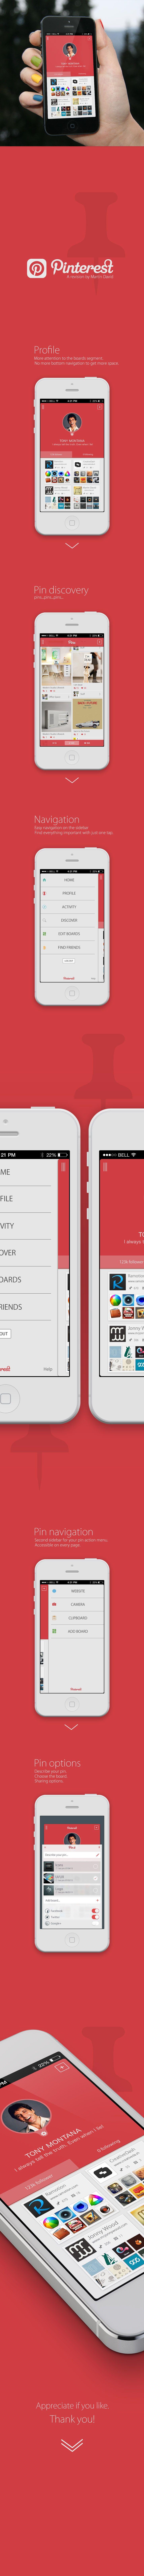 Pinterest UI via @Behance - http://www.behance.net/gallery/Pinterest-App-a-revision-/9703403